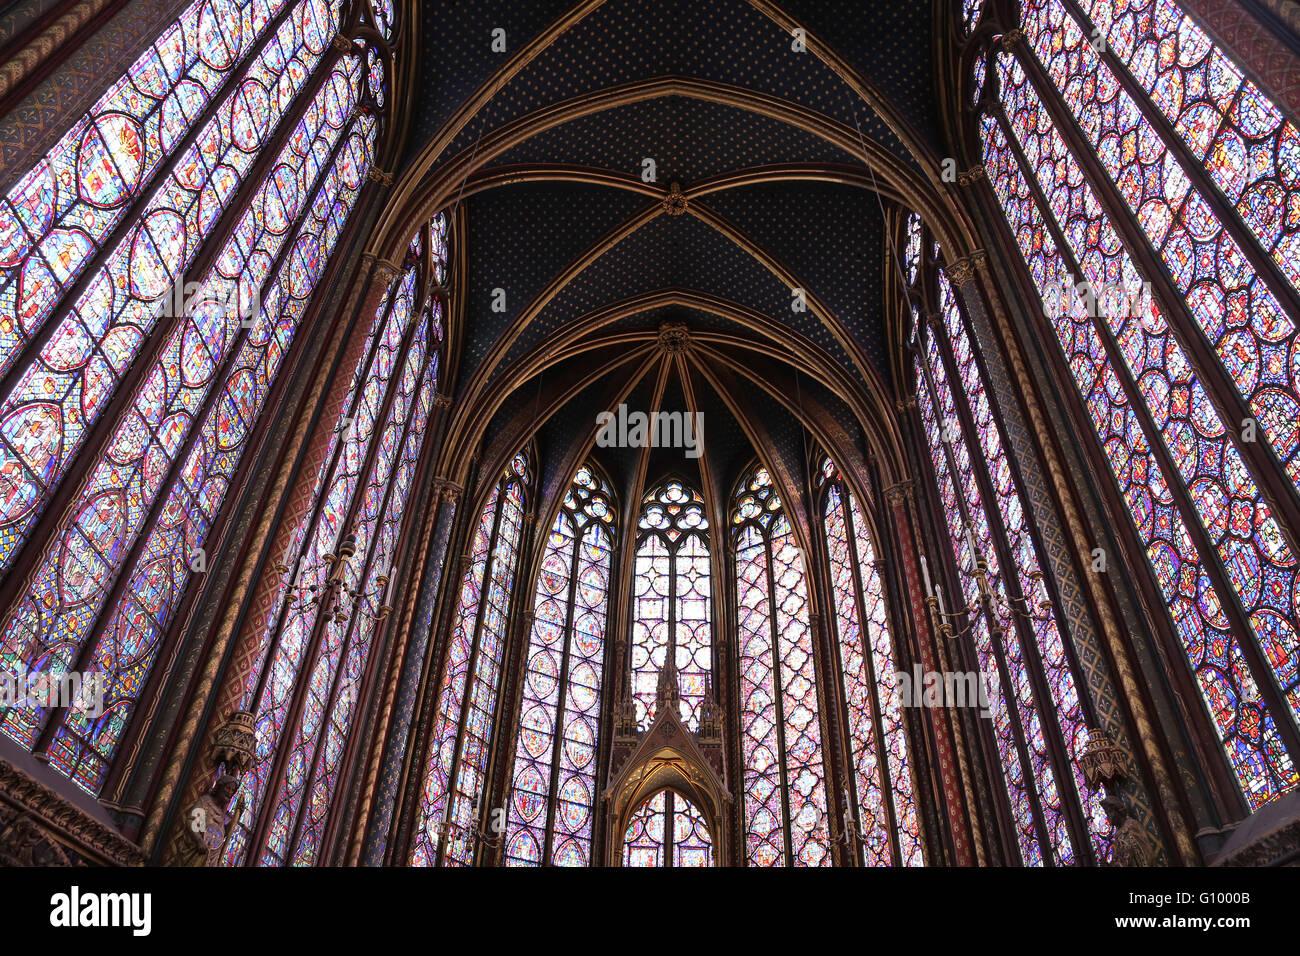 Las vidrieras. La capilla superior de la Sainte-Chapelle (la Santa Capilla). 1248. París. Francia. El gótico. Foto de stock